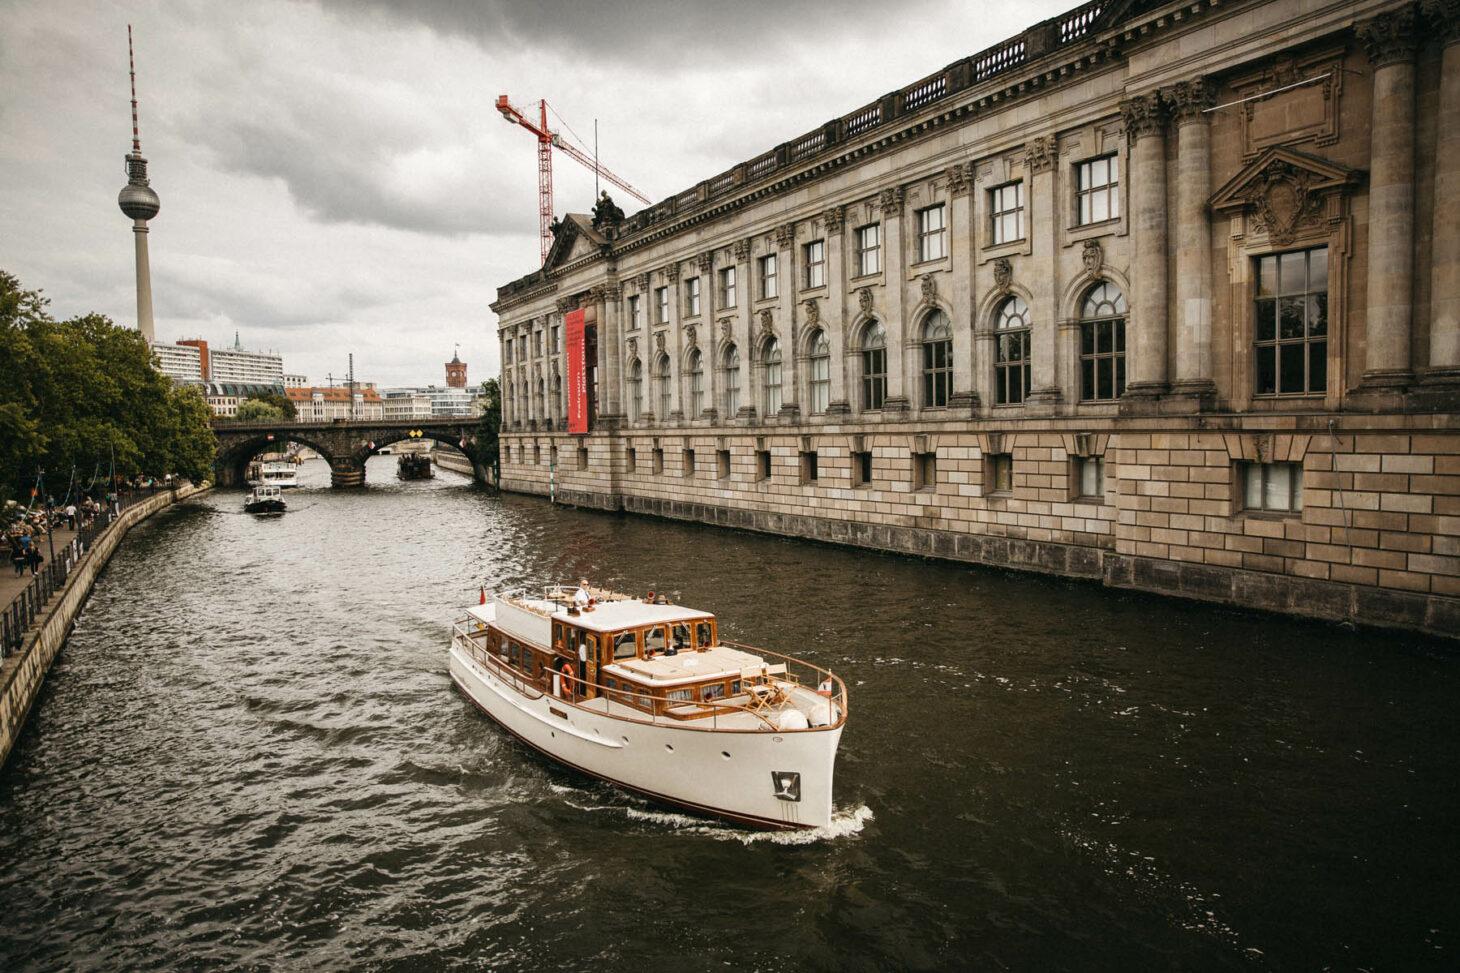 Hochzeit auf einem Boot auf der Spree in Berlin. Raissa + Simon Fotografie